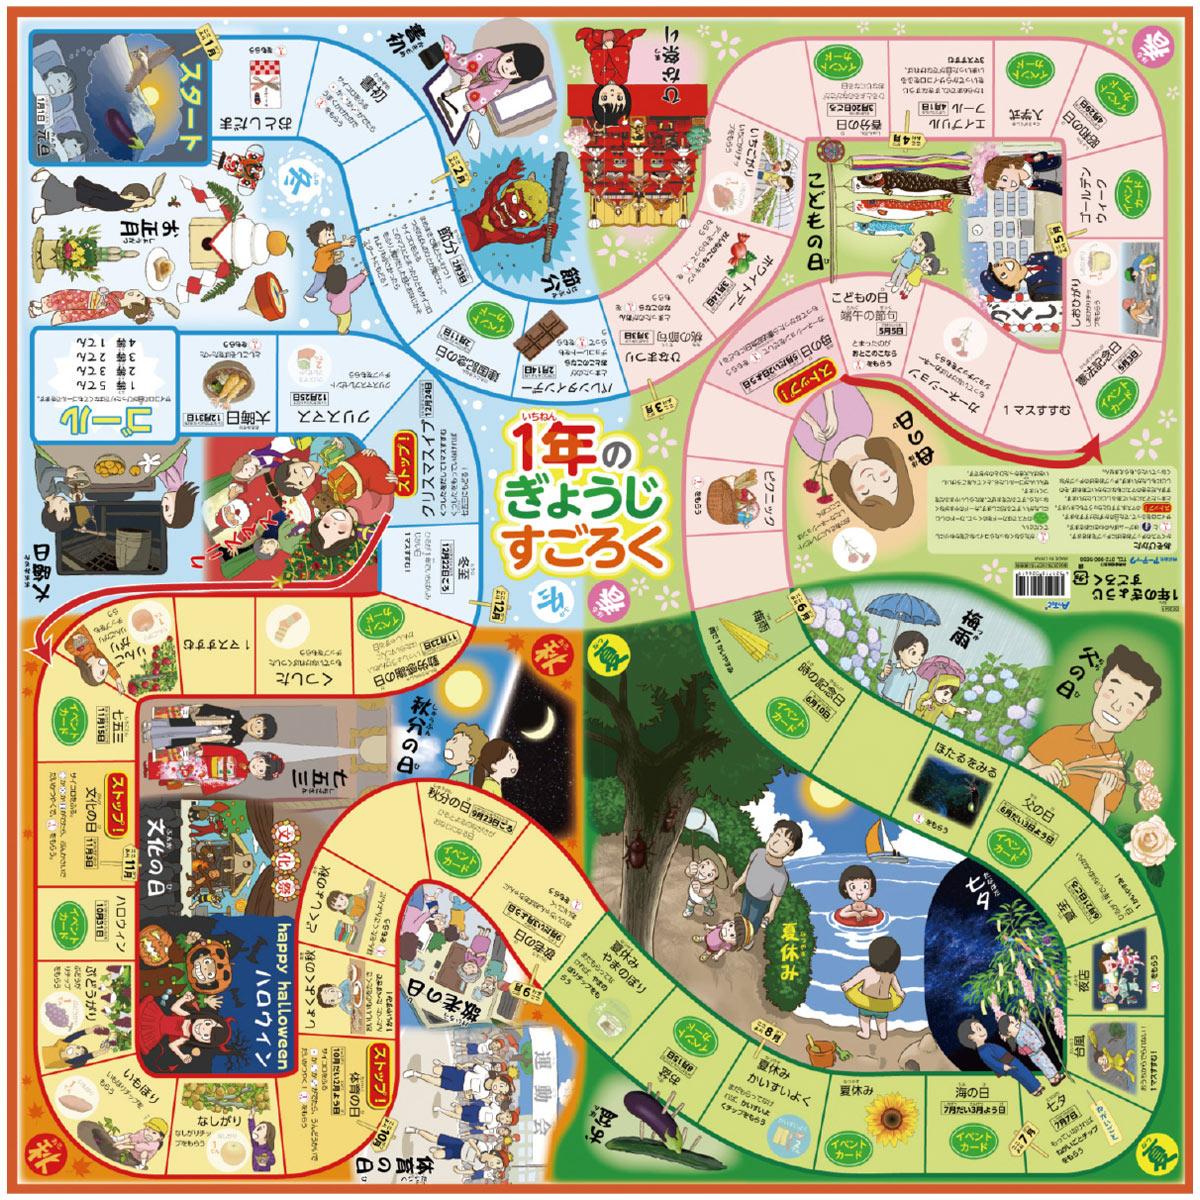 すごろく 幼児 子供 ボードゲーム 1年のぎょうじすごろく 正月 カード ゲーム おもちゃ 行事 暦 カードゲーム 小学生 季節 お受験 中学受験 クリスマスプレゼント